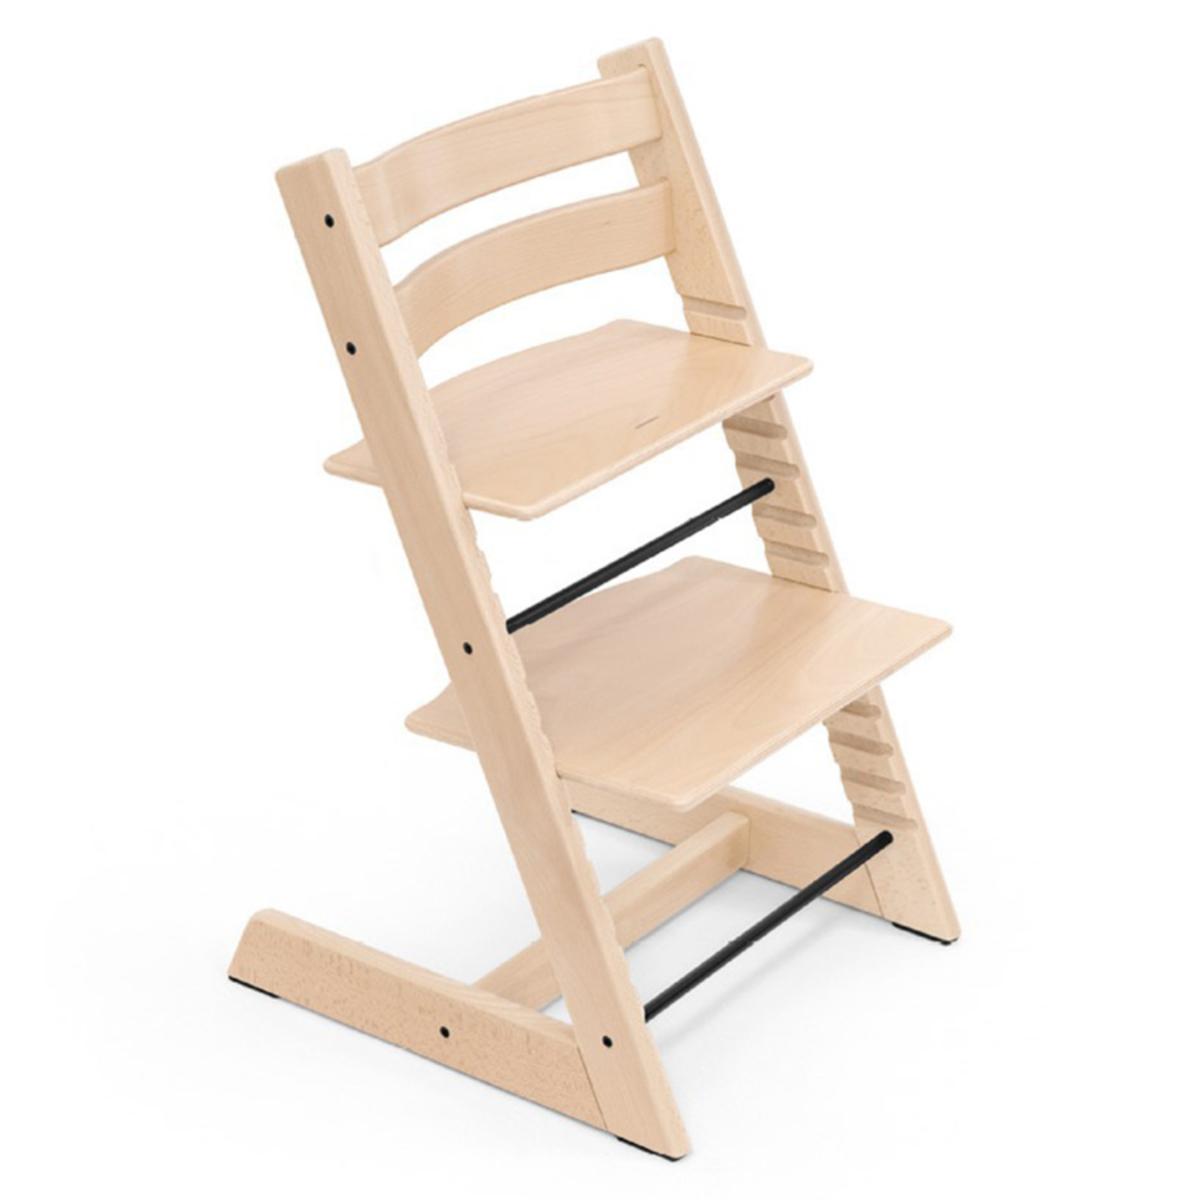 Chaise haute Chaise Haute Tripp Trapp - Hêtre Naturel Chaise Haute Tripp Trapp - Hêtre Naturel